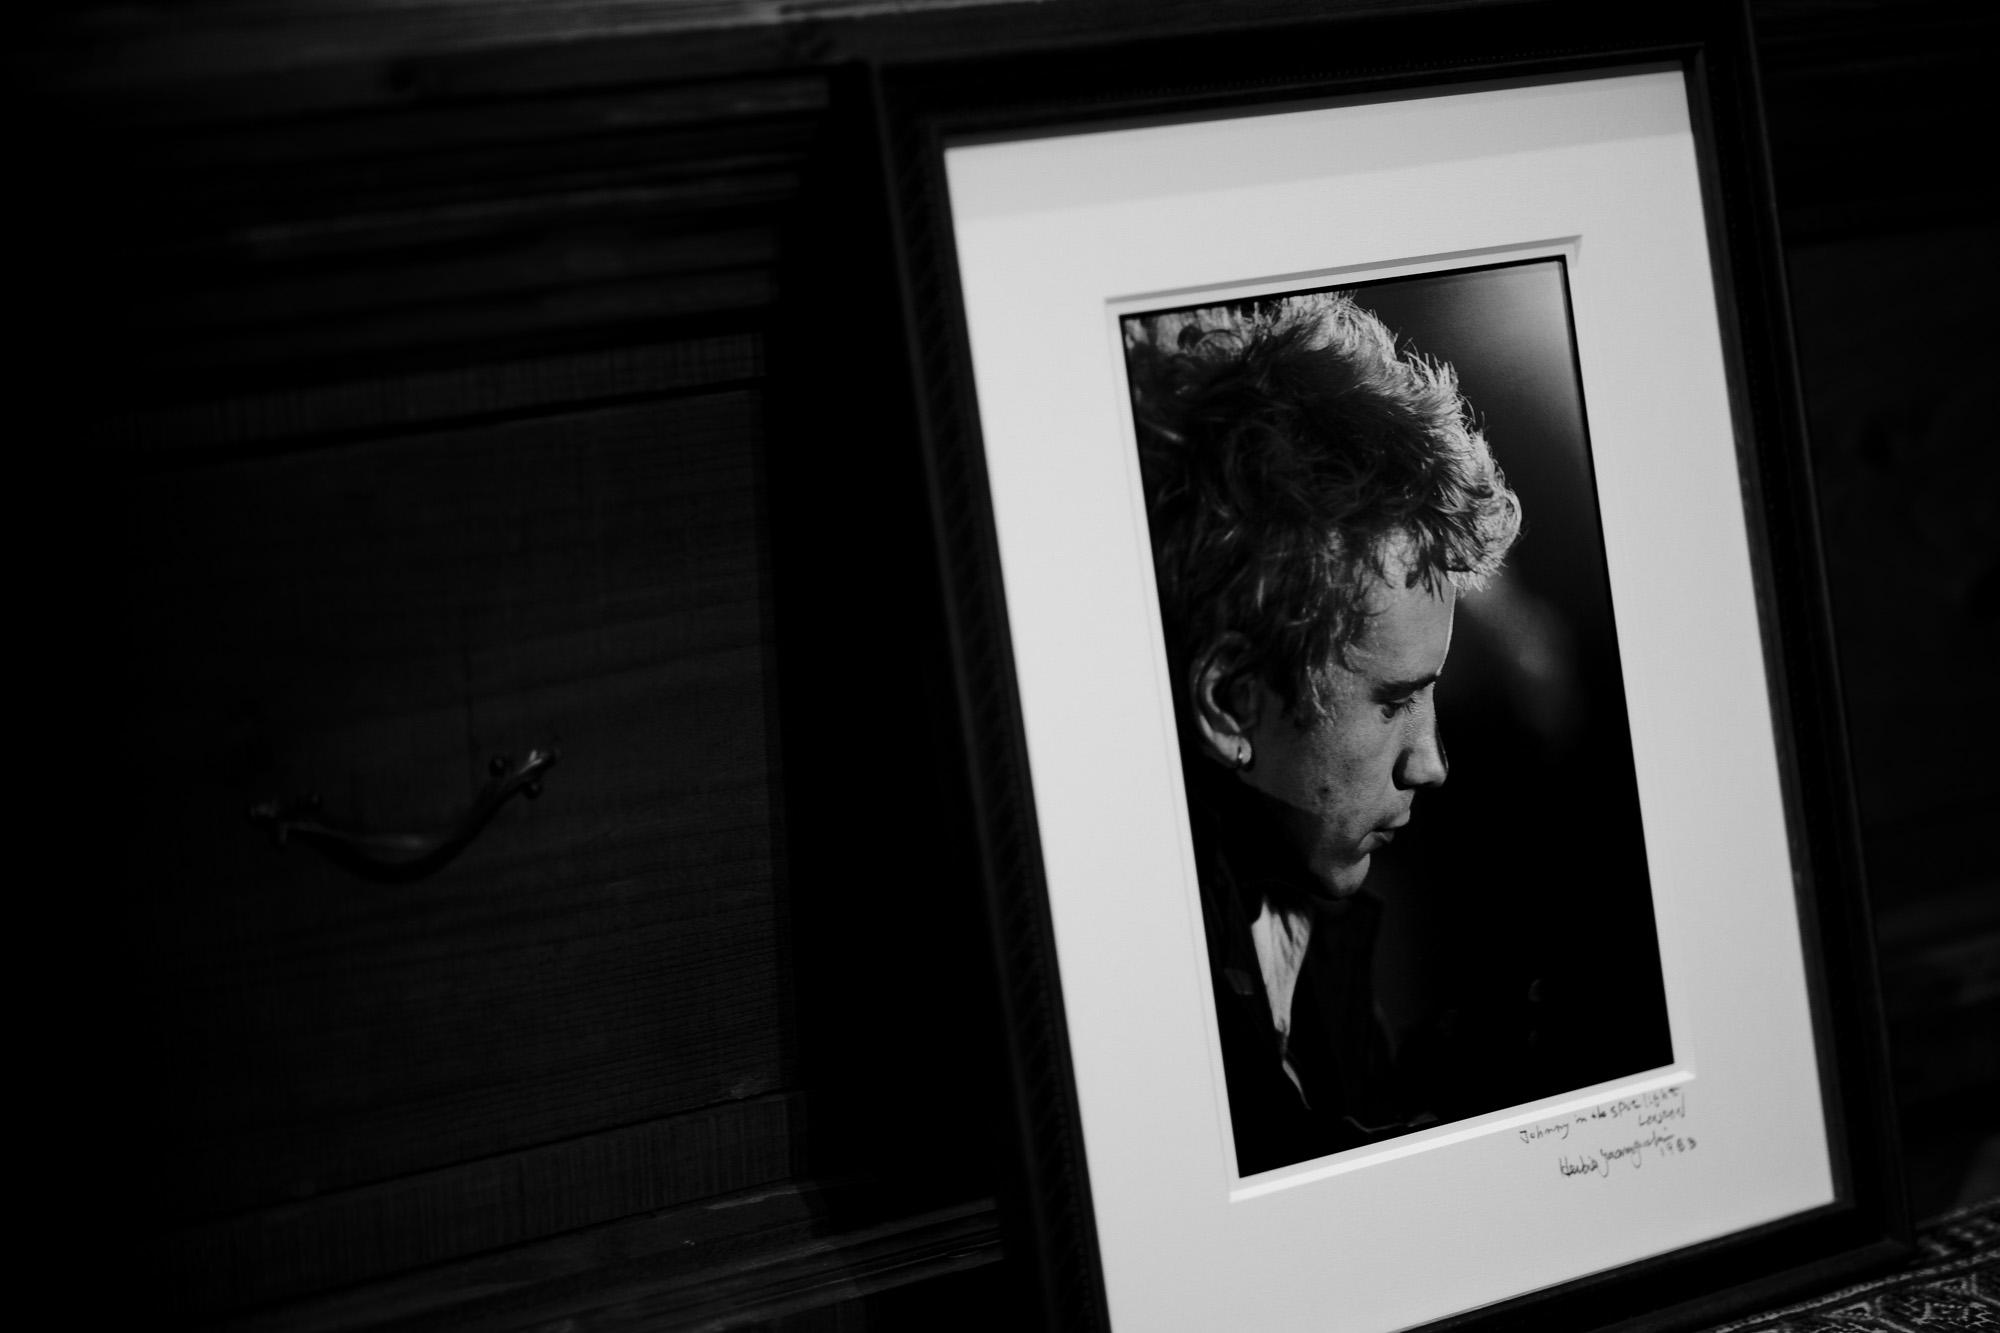 """Johnny in the spot light LONDON / HERBIE YAMAGUCHI 1983 ジョニーロットン スポットライト ロンドン 1983年 撮影 ハービー山口 写真家 Johnny Rotten ジョニー・ロットン John Lydon ジョン・ライドン パンク・ロックバンド、セックス・ピストルズのリード・ボーカルを務め、解散後はパブリック・イメージ・リミテッド(PiL)を結成した。 ジョニー・ロットンという名前は彼がセックス・ピストルズに加入したとき、ギタリストのスティーヴ・ジョーンズが彼の歯の汚い状態を見て「腐ってる!お前の歯、腐ってるぞ!(You're rotten! Look at you, your teeth are rotten!)」と発言したことがきっかけで彼のニックネームとなった[1]。 セックス・ピストルズセックス・ピストルズ時代 (1977年) 小学生時代とは打って変わり、中学生からのライドンは退学処分を受けるほどの不良となり、10代後半はマルコム・マクラーレン(デザイナーのヴィヴィアン・ウエストウッドが共同経営者)のブティック「Sex」に頻繁に出入りするようになる[3]。この店を溜まり場としていたライドンをリーダー格とする不良グループ""""ジョンズ""""は、メンバー全員の名がjohnであることから名づけられた。1975年にマクラーレンがアメリカのバンド、ニューヨーク・ドールズとの小ツアーから帰り、スティーヴ・ジョーンズやポール・クックと共に新たなバンドの結成を模索していたとき、ライドンが現れた。ライドンは「I Hate」とサインペンでなぐり書きされたピンク・フロイドのTシャツを着ており、店内でのオーディションでアリス・クーパーの「エイティーン」を歌った[3]。そしてバンドへ加入、バンド名はセックス・ピストルズに決まる。ピストルズは「アナーキー・イン・ザ・UK」や「ゴッド・セイヴ・ザ・クイーン」などの歴史的な曲を発表し、パンクの有名バンドとなった。曲は主に、メンバーのグレン・マトロックが書いていた。ピストルズの後期、ライドンは、ヘロイン中毒である親友のシド・ヴィシャスの薬物治療の手助けをするが、結局シド・ヴィシャスはヘロインをやめられずまともに演奏できる状態ではなくなった。メンバー間の不仲も頂点に達し、バンドは最悪の状態になり、1978年1月14日、アメリカツアーのサンフランシスコ最終公演を最後にライドンは脱退を表明。ラストライブの最後に「騙された気分はどうだい」と言い放っている[7][8]。脱退表明時には「ロックは死んだ」と宣言した[9]。後に、シド・ヴィシャスと恋人のナンシーは死亡している。Brian Setzer Stray Cats LONDON / HERBIE YAMAGUCHI 1981 ブライアン セッツァー ストレイキャッツ ロンドン 1981年 愛知 名古屋 Alto e Diritto altoediritto アルトエデリット ハービー山口 HERBIE YAMAGUCHI 写真家 Thames LONDON / HERBIE YAMAGUCHI 1983 テムズ川 ロンドン ハービー山口 1983年 イギリス England イングランド 写真家 写真 http://www.herbie-yamaguchi.com/ オリジナルプリント Portrait Joe 地下鉄のジョー パンク Punk 愛知 名古屋 Alto e Diritto altoediritto アルトエデリット 革ジャン レザージャケット ライダースジャケット モヒカン 鋲ジャン 1983年イギリス総選挙 イギリス名誉革命史 United Kingdom General Election, 1983 ハービー・山口は写真家、エッセイスト。 東京都大田区出身。 作家名の由来は、自身が傾倒していたジャズ・フルート奏者のハービー・マンから。山口 芳則 「LONDON AFTER THE DREAM」(流行通信社 1985)「LEICA LIVE LIFE」福山雅治写真集 (ソニーマガジンズ 1994)「代官山17番地」(アップリンク 1998)「尾崎豊」(光栄 1998)「DISTANCE」福山雅治写真集 (アミューズブックス 1999「TIMELESS IN LUXEMBOURG」 (ルクセンブルク大公国大使館 1999)「bridge22 LP」山崎まさよし×ハービー・山口(ソニーマガジンズ 2001)「LONDON CHASING THE DREAM 」(カラーフィールド 2003)「peace」(アップリンク 2003)フジテレビドラマ「優しい時間―富良野にて」(フジテレビ出版 2005"""